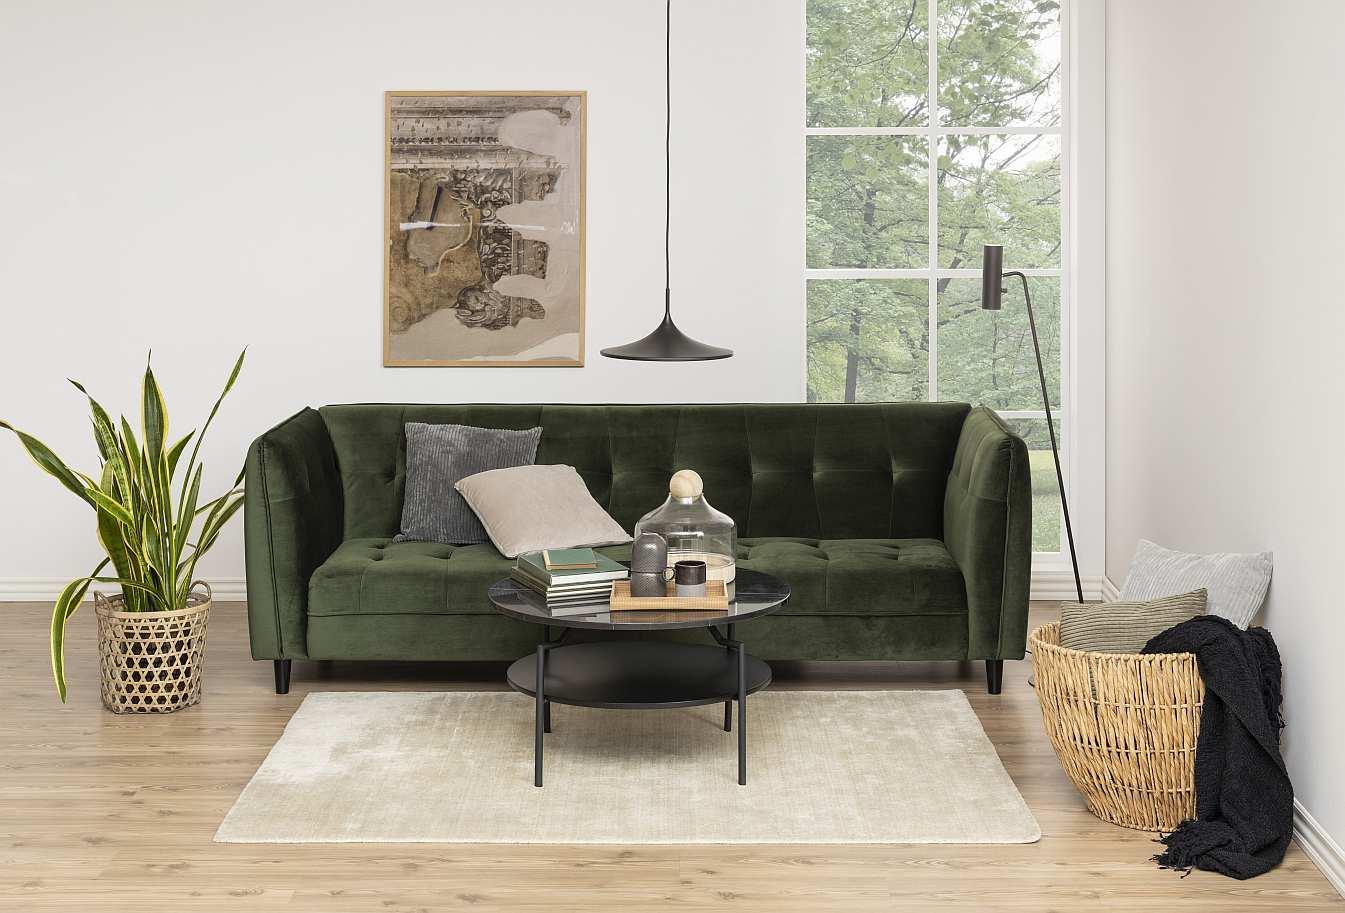 24Designs - Slaapbank Coco - Bosgroen Fluweel - Zwarte Houten Poten